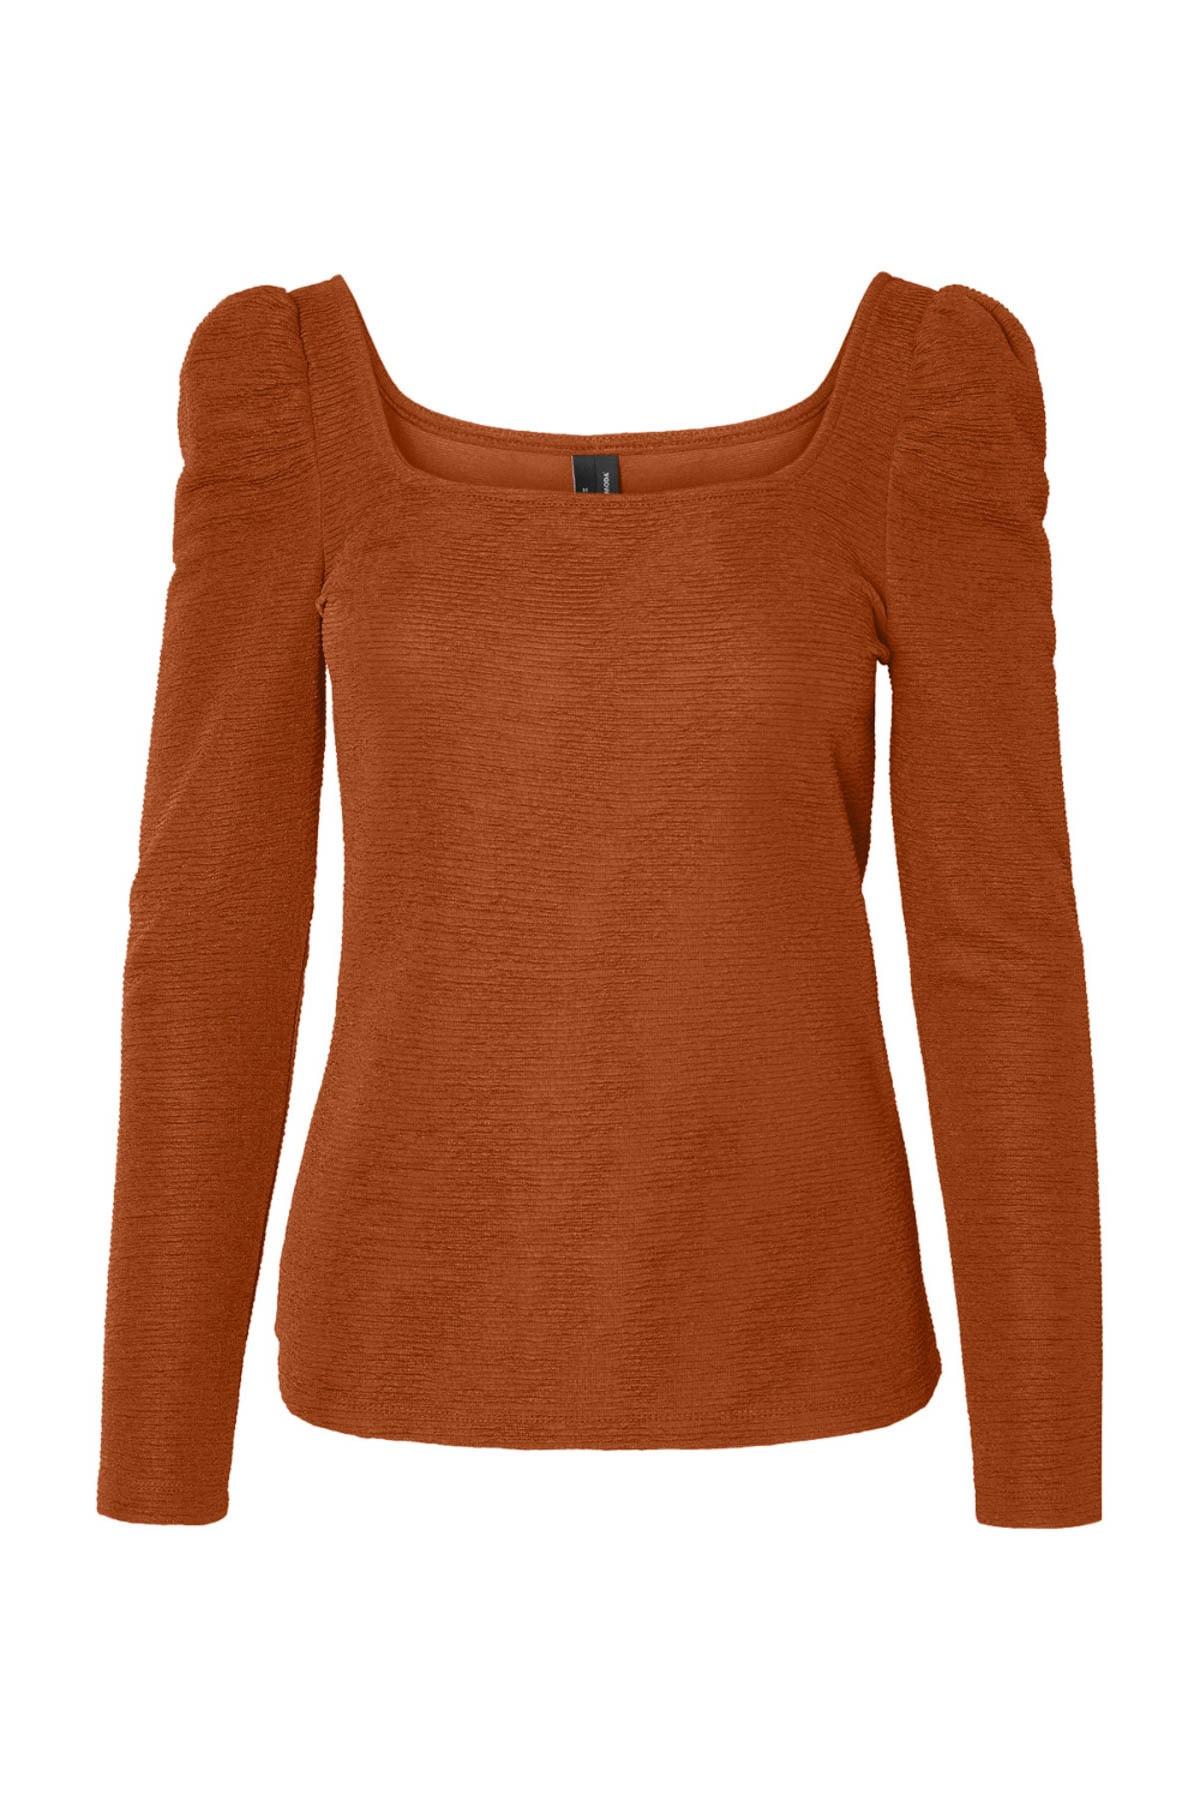 Vero Moda Kadın Taçın Kare Yaka Omuz Detaylı Bluz 10230992 VMALPHA 2